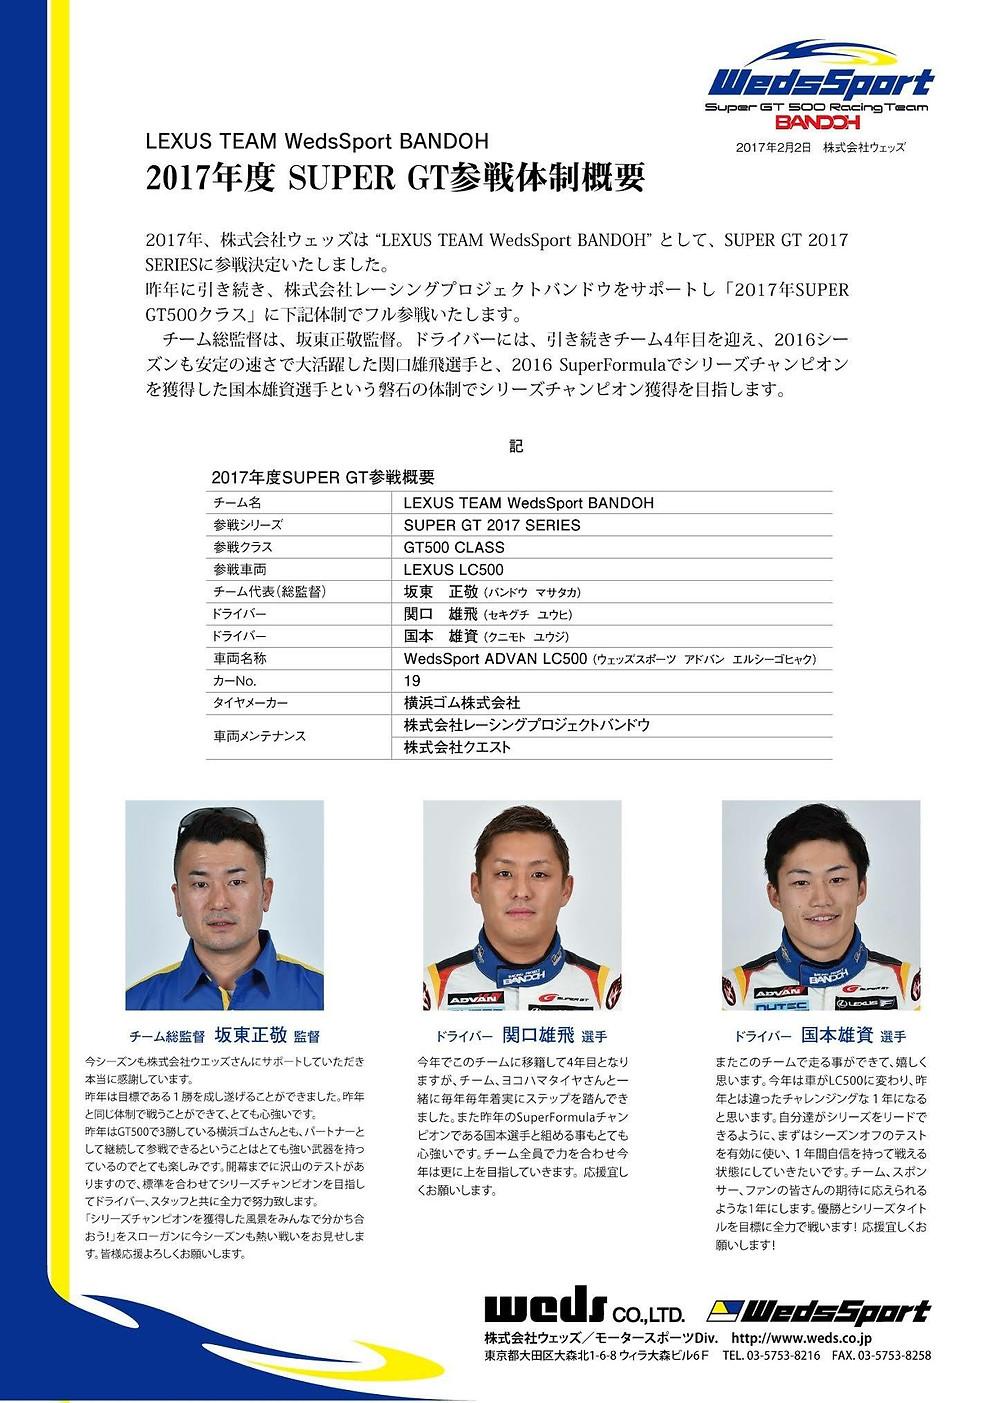 関口雄飛選手 SuperGT参戦体制発表